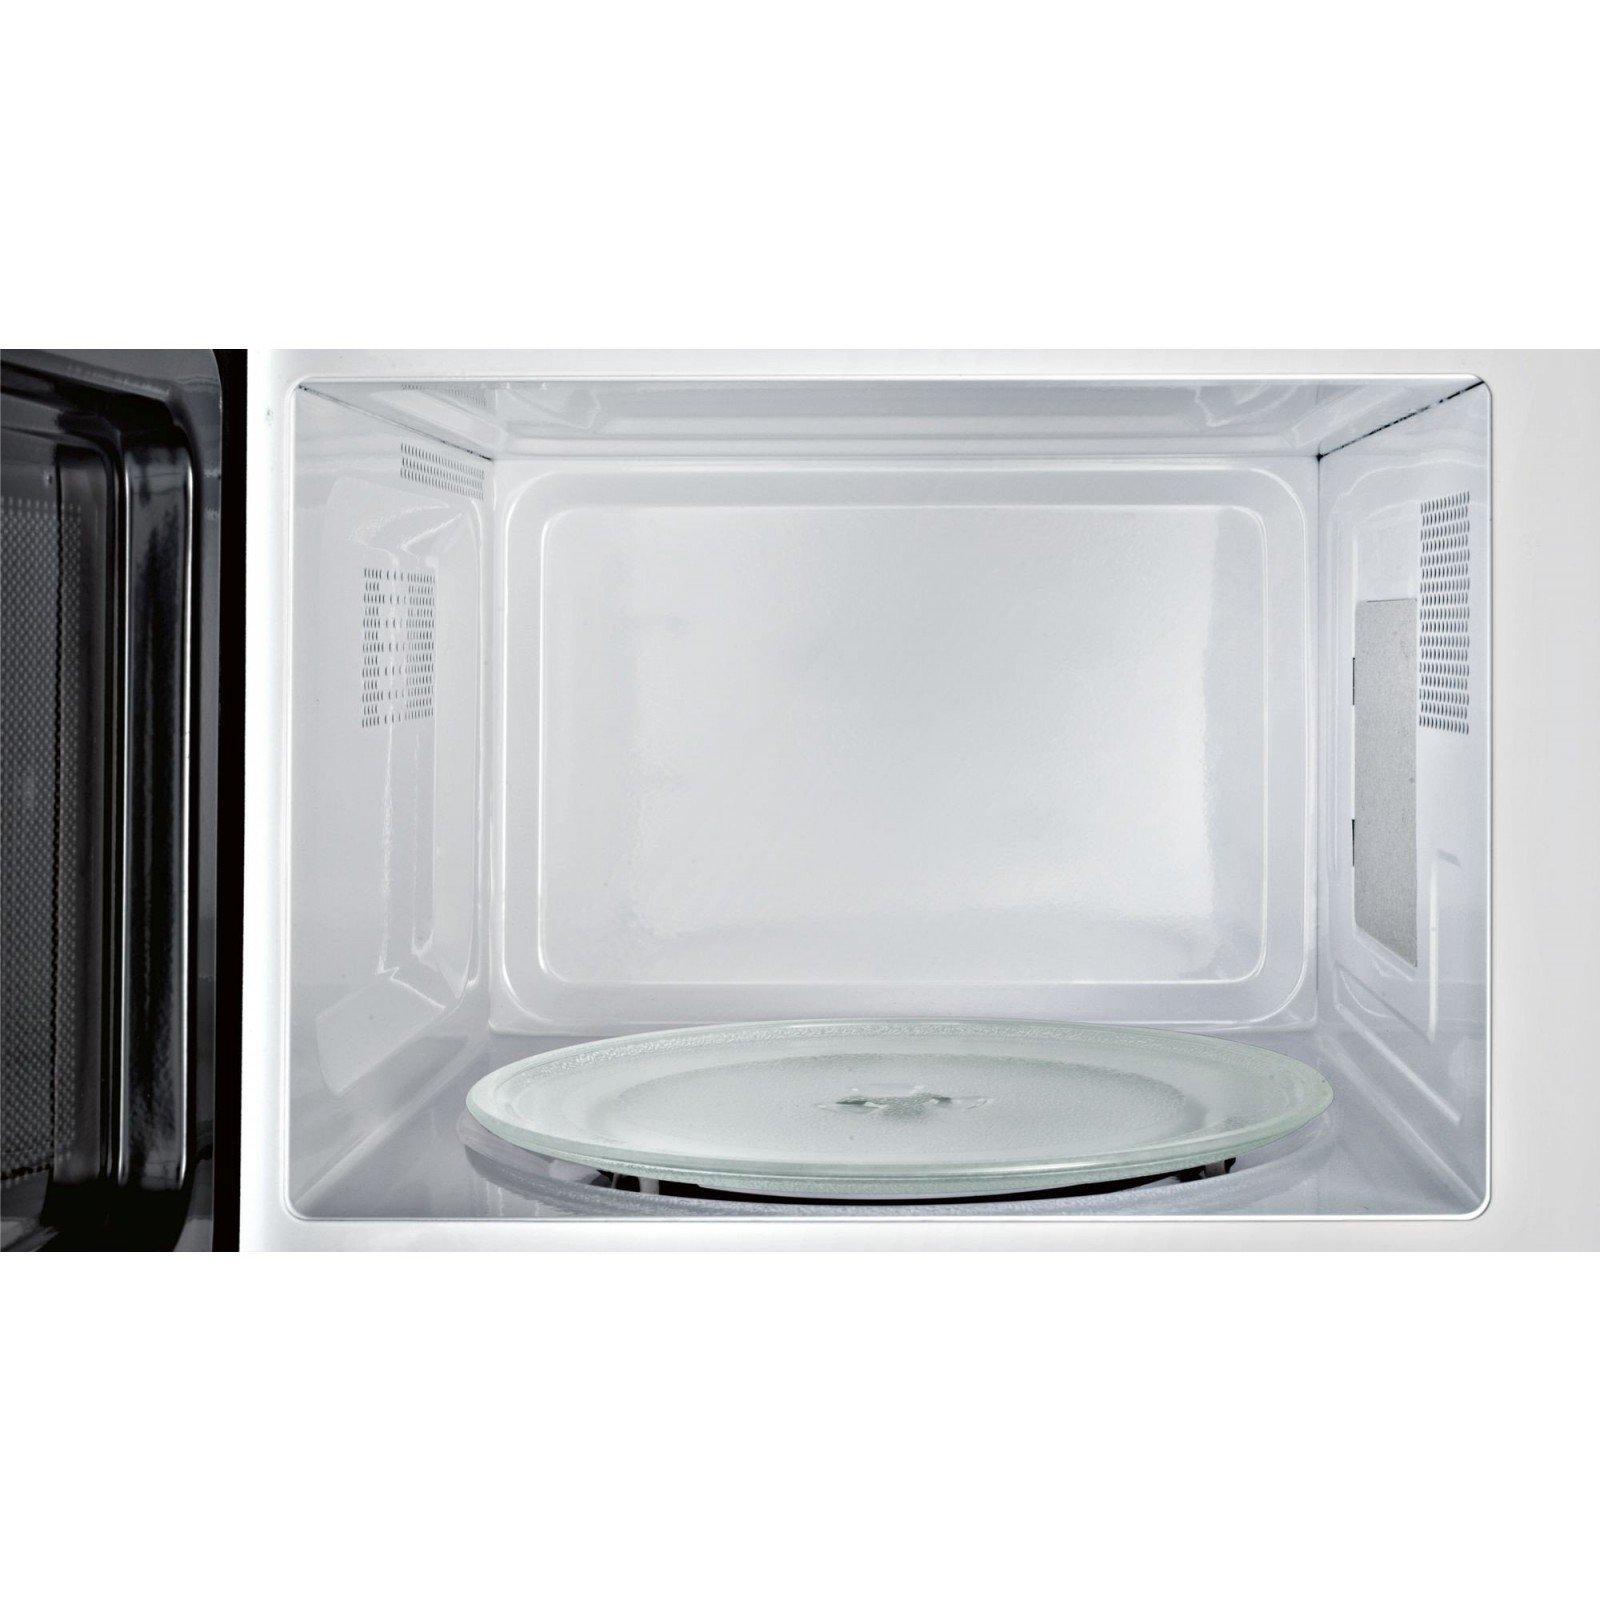 Микроволновая печь BOSCH HMT72M420 изображение 4